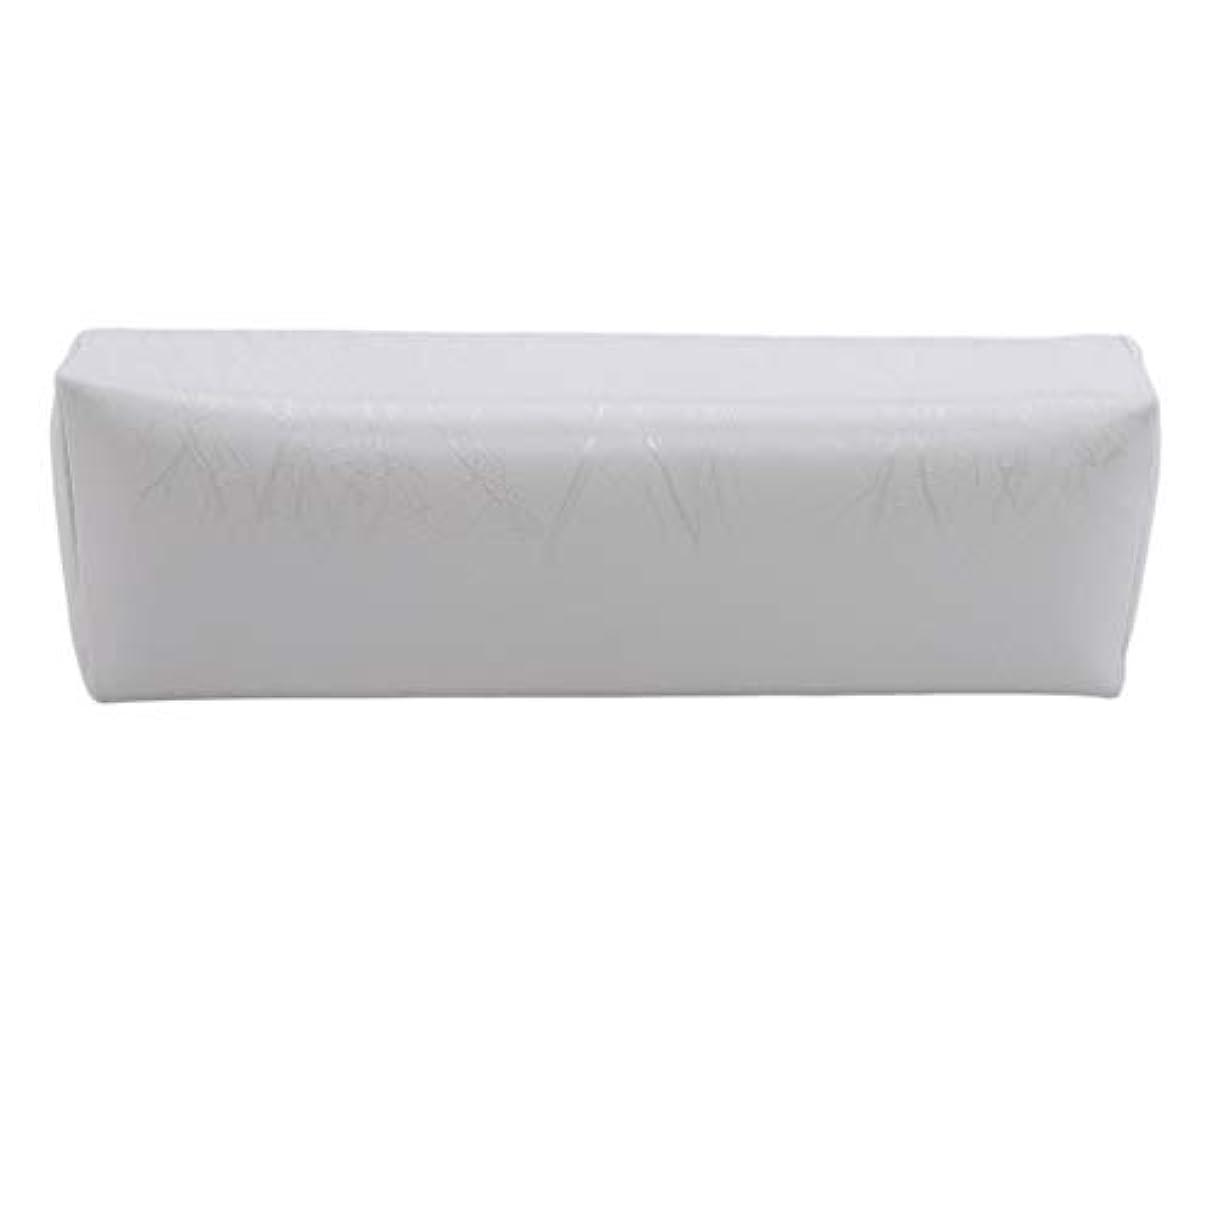 保険をかけるレオナルドダマグHKUN プロのネイルアートツール ケアツール 洗える 手枕クッション ネイルアートホルダー ソフトアームレスト用 ネイルケア用 マニキュアネイル用品 白色